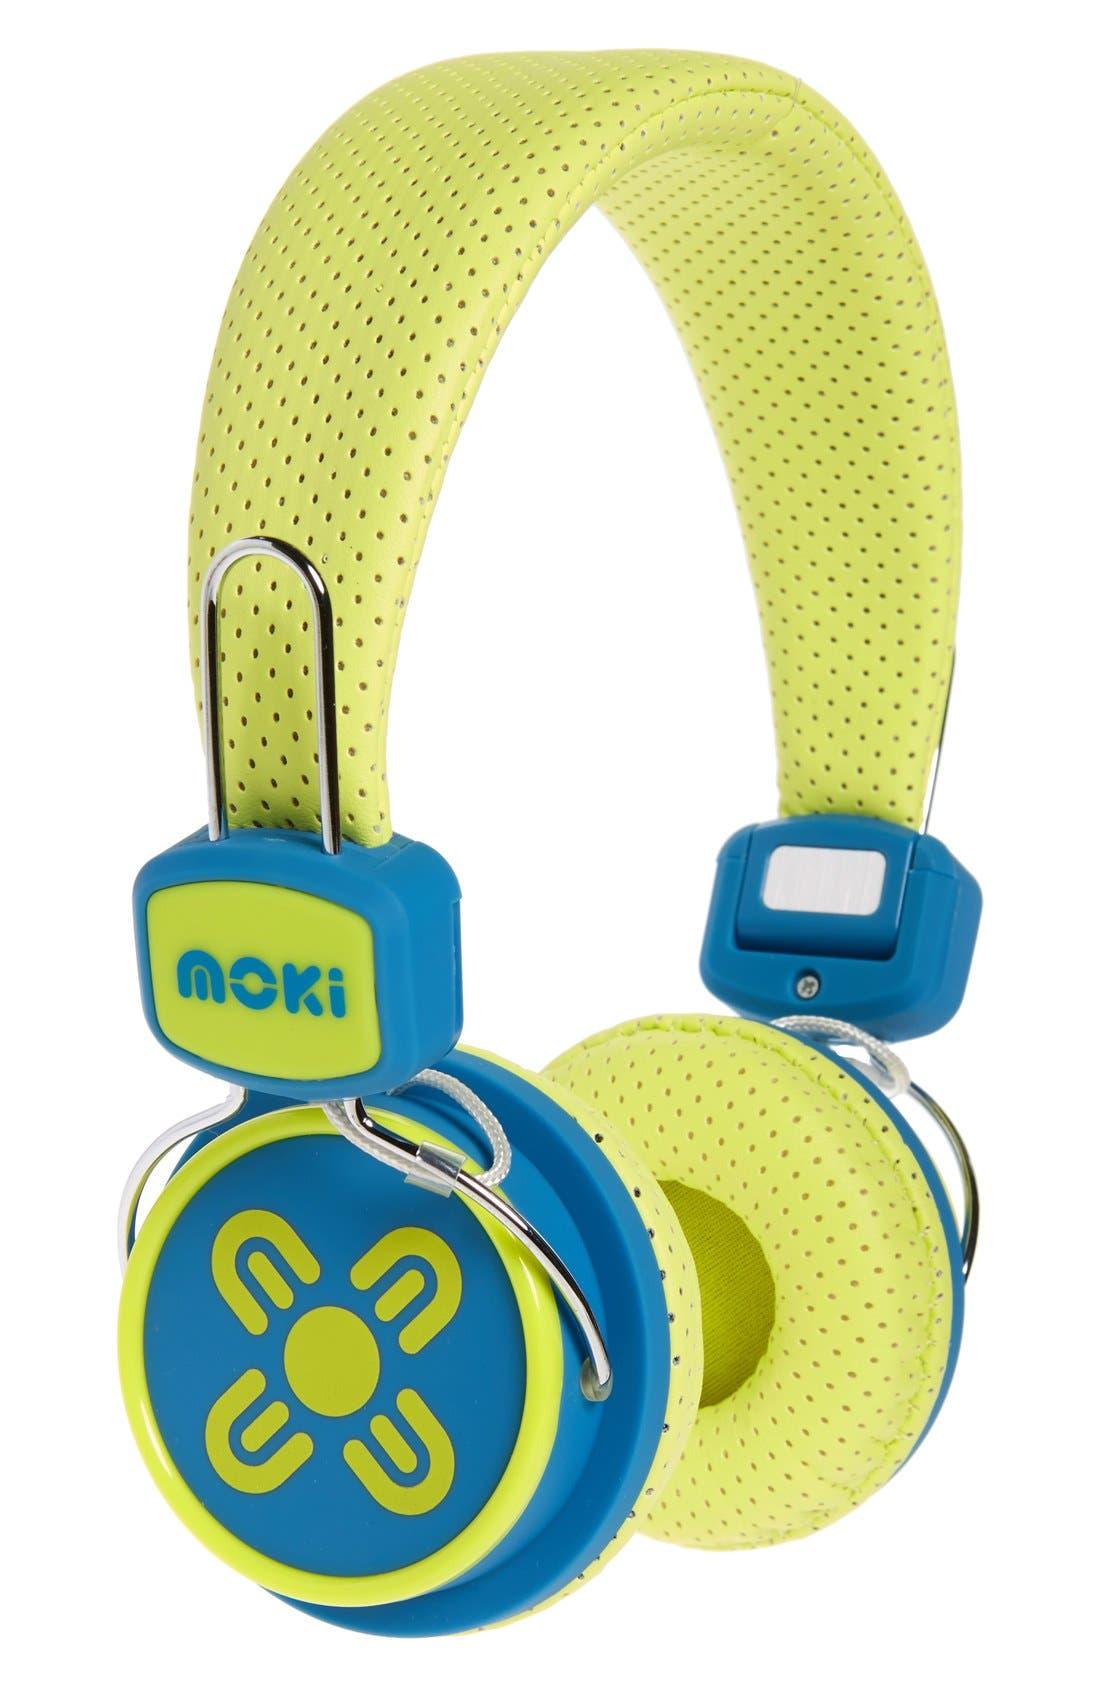 Moki Volume Limited Headphones (Kids)